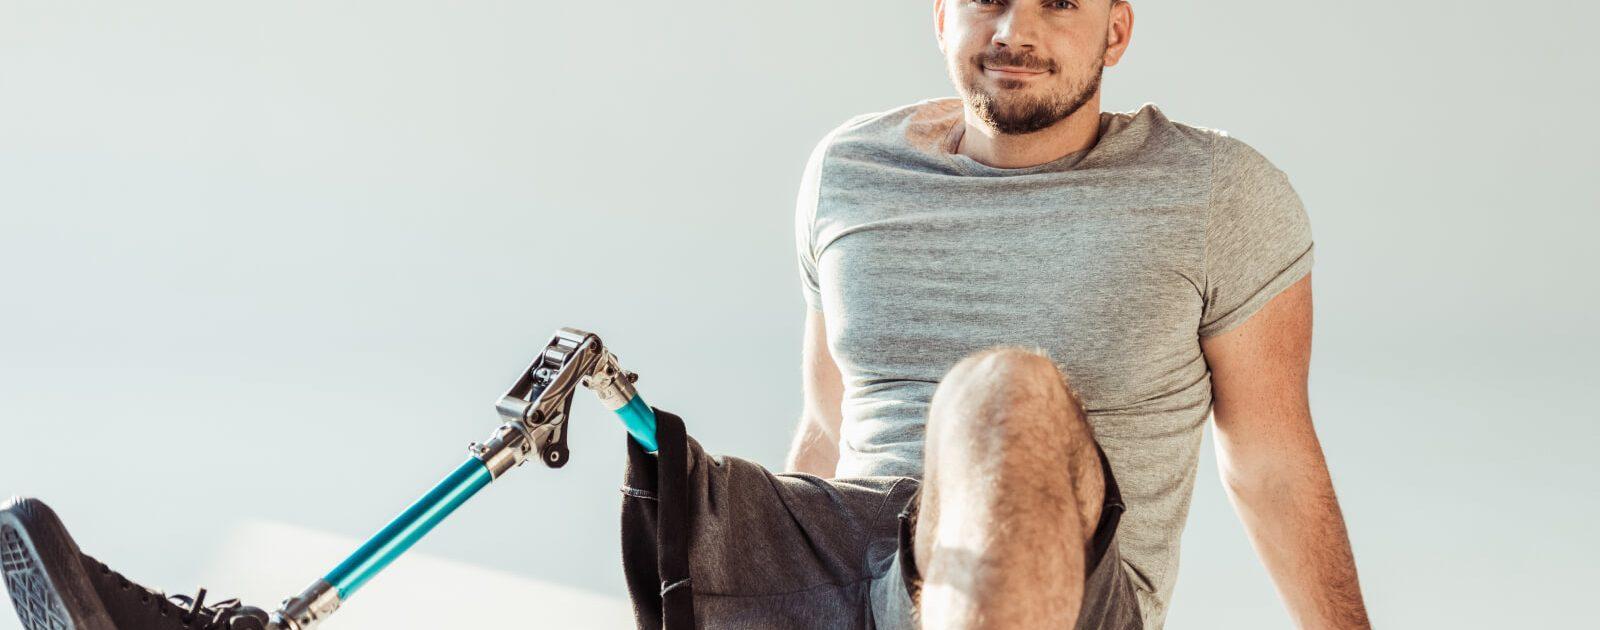 Mann, der aufgrund einer Amputation eine Beinprothese trägt.